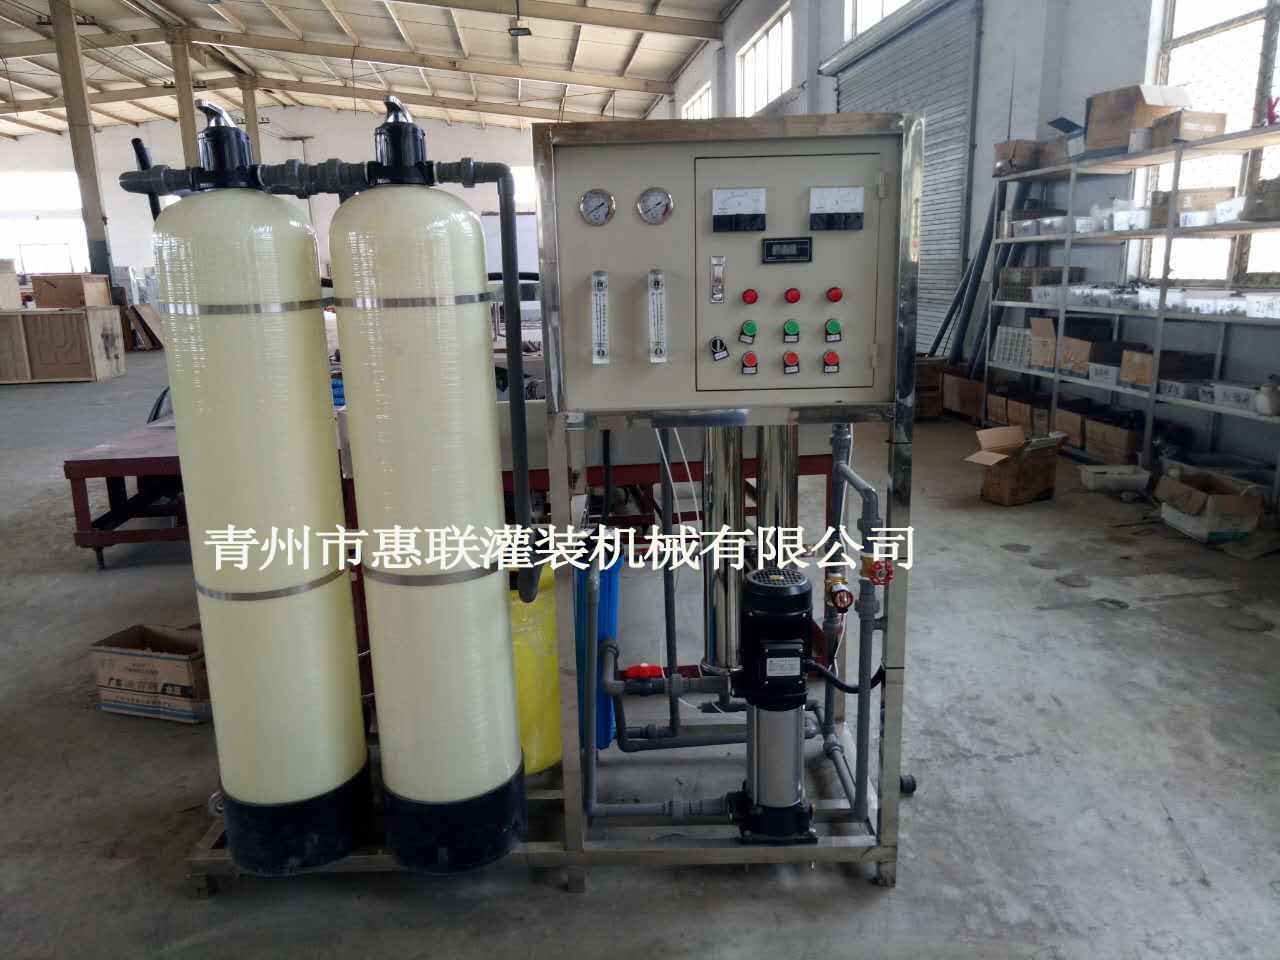 0.5T单级反渗透设备小型纯净水设备酒厂勾兑酒用设备